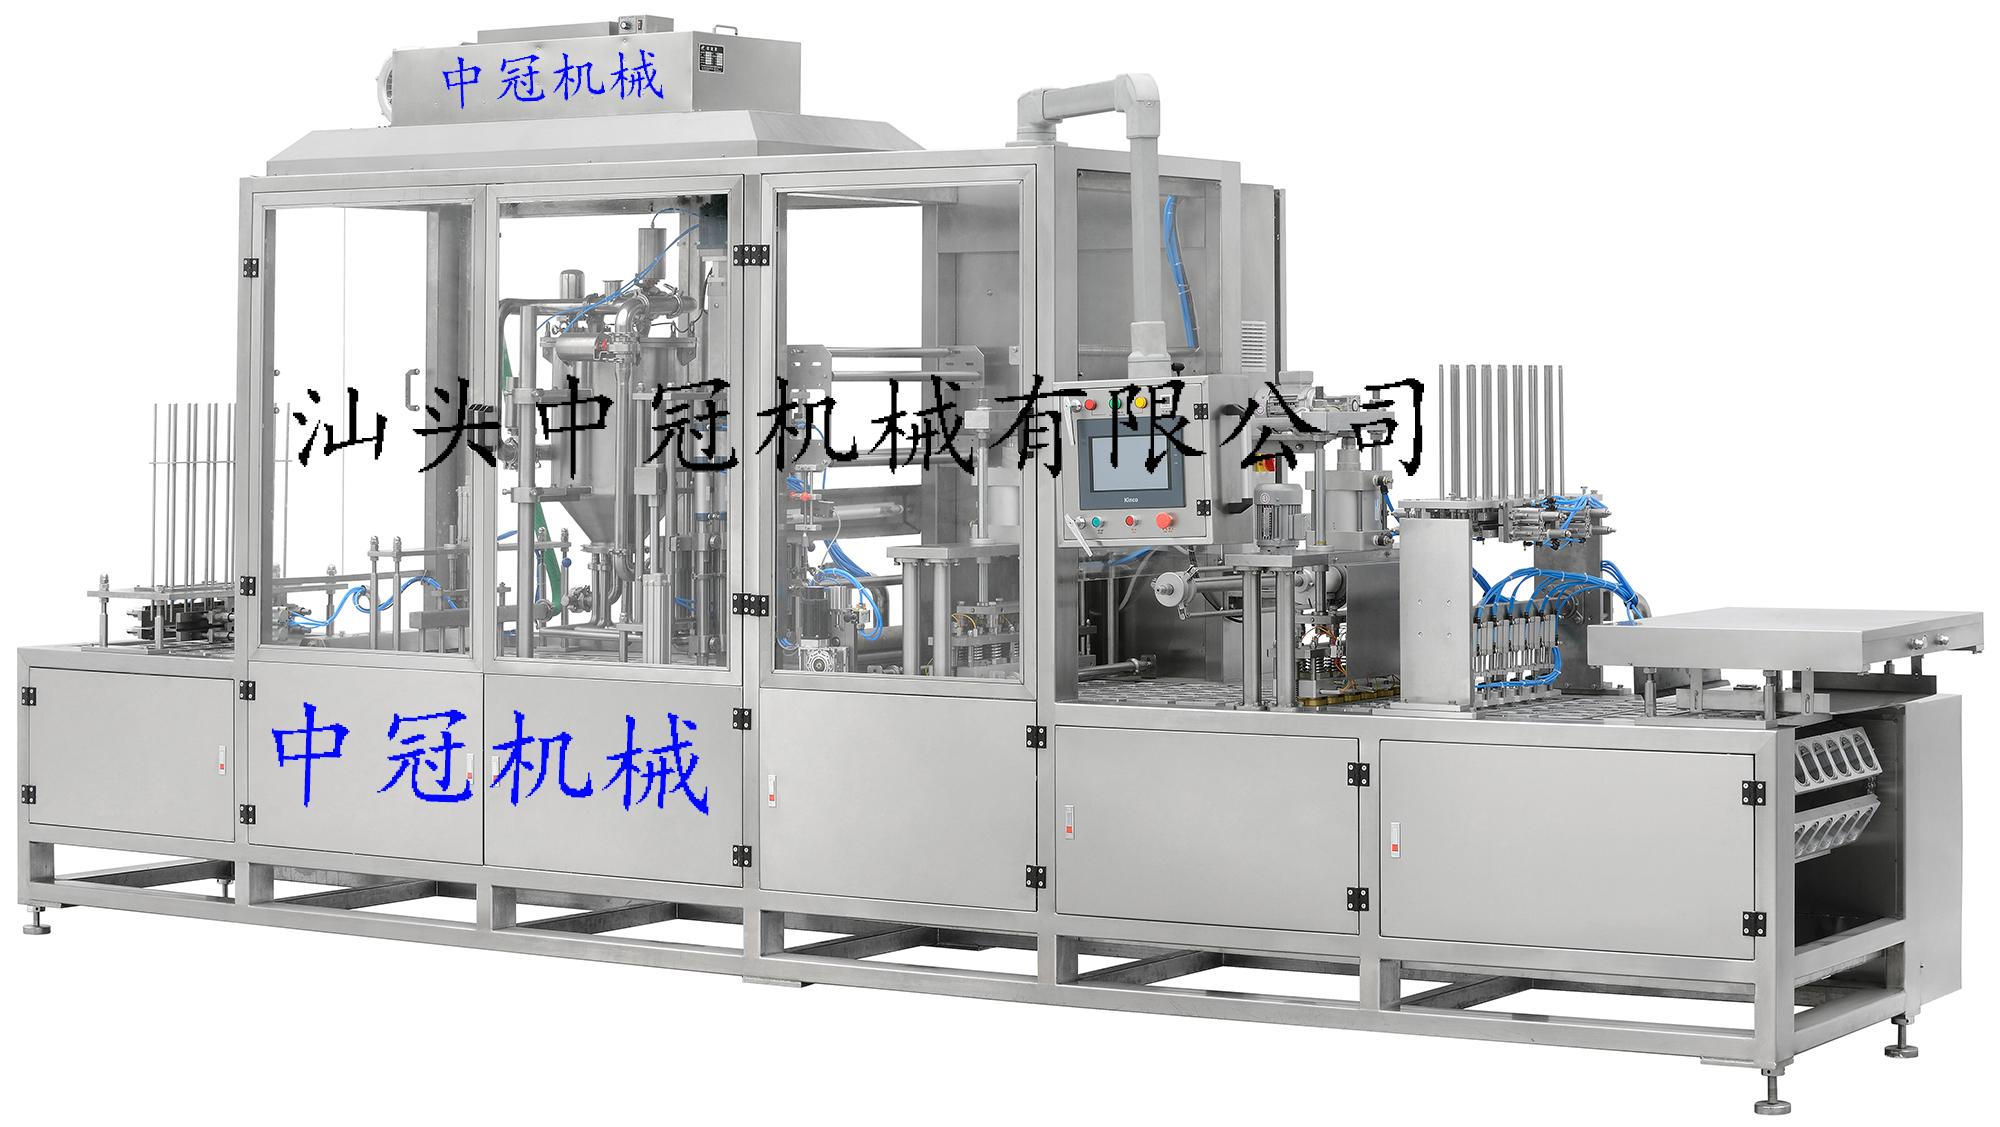 CFD-SF-6型全自動伺服充填封口包裝機(瓶、杯共用,單片膜伺服放膜)